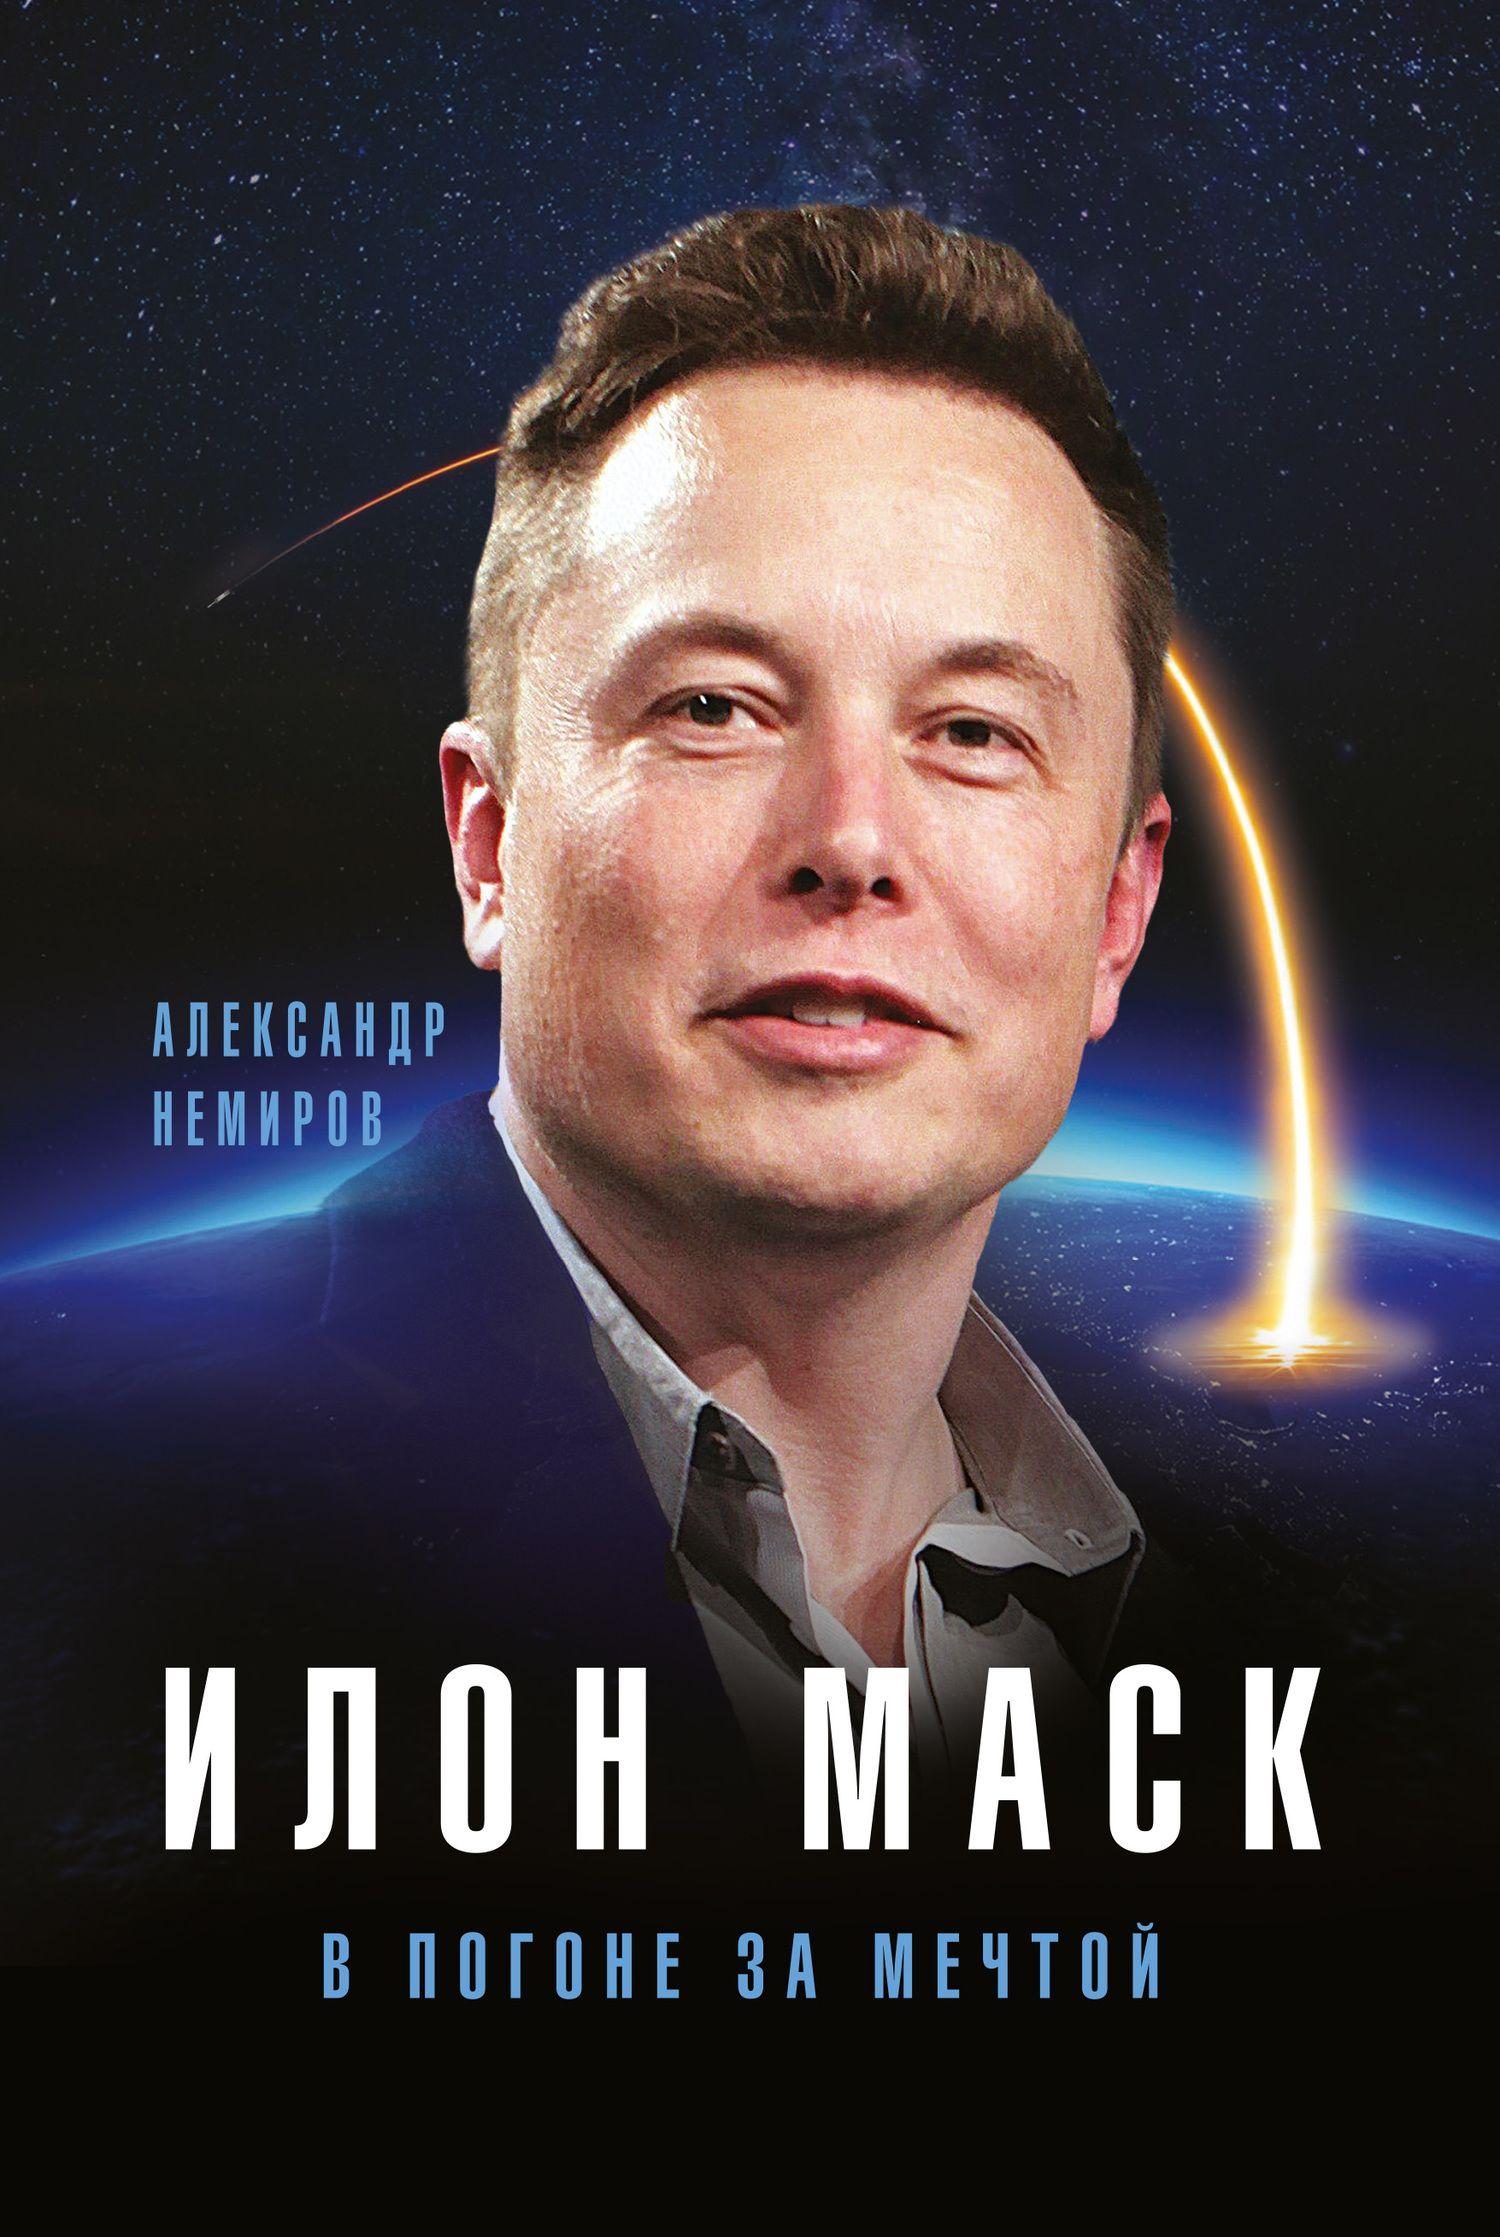 Скачать бесплатно Илон Маск. В погоне за мечтой